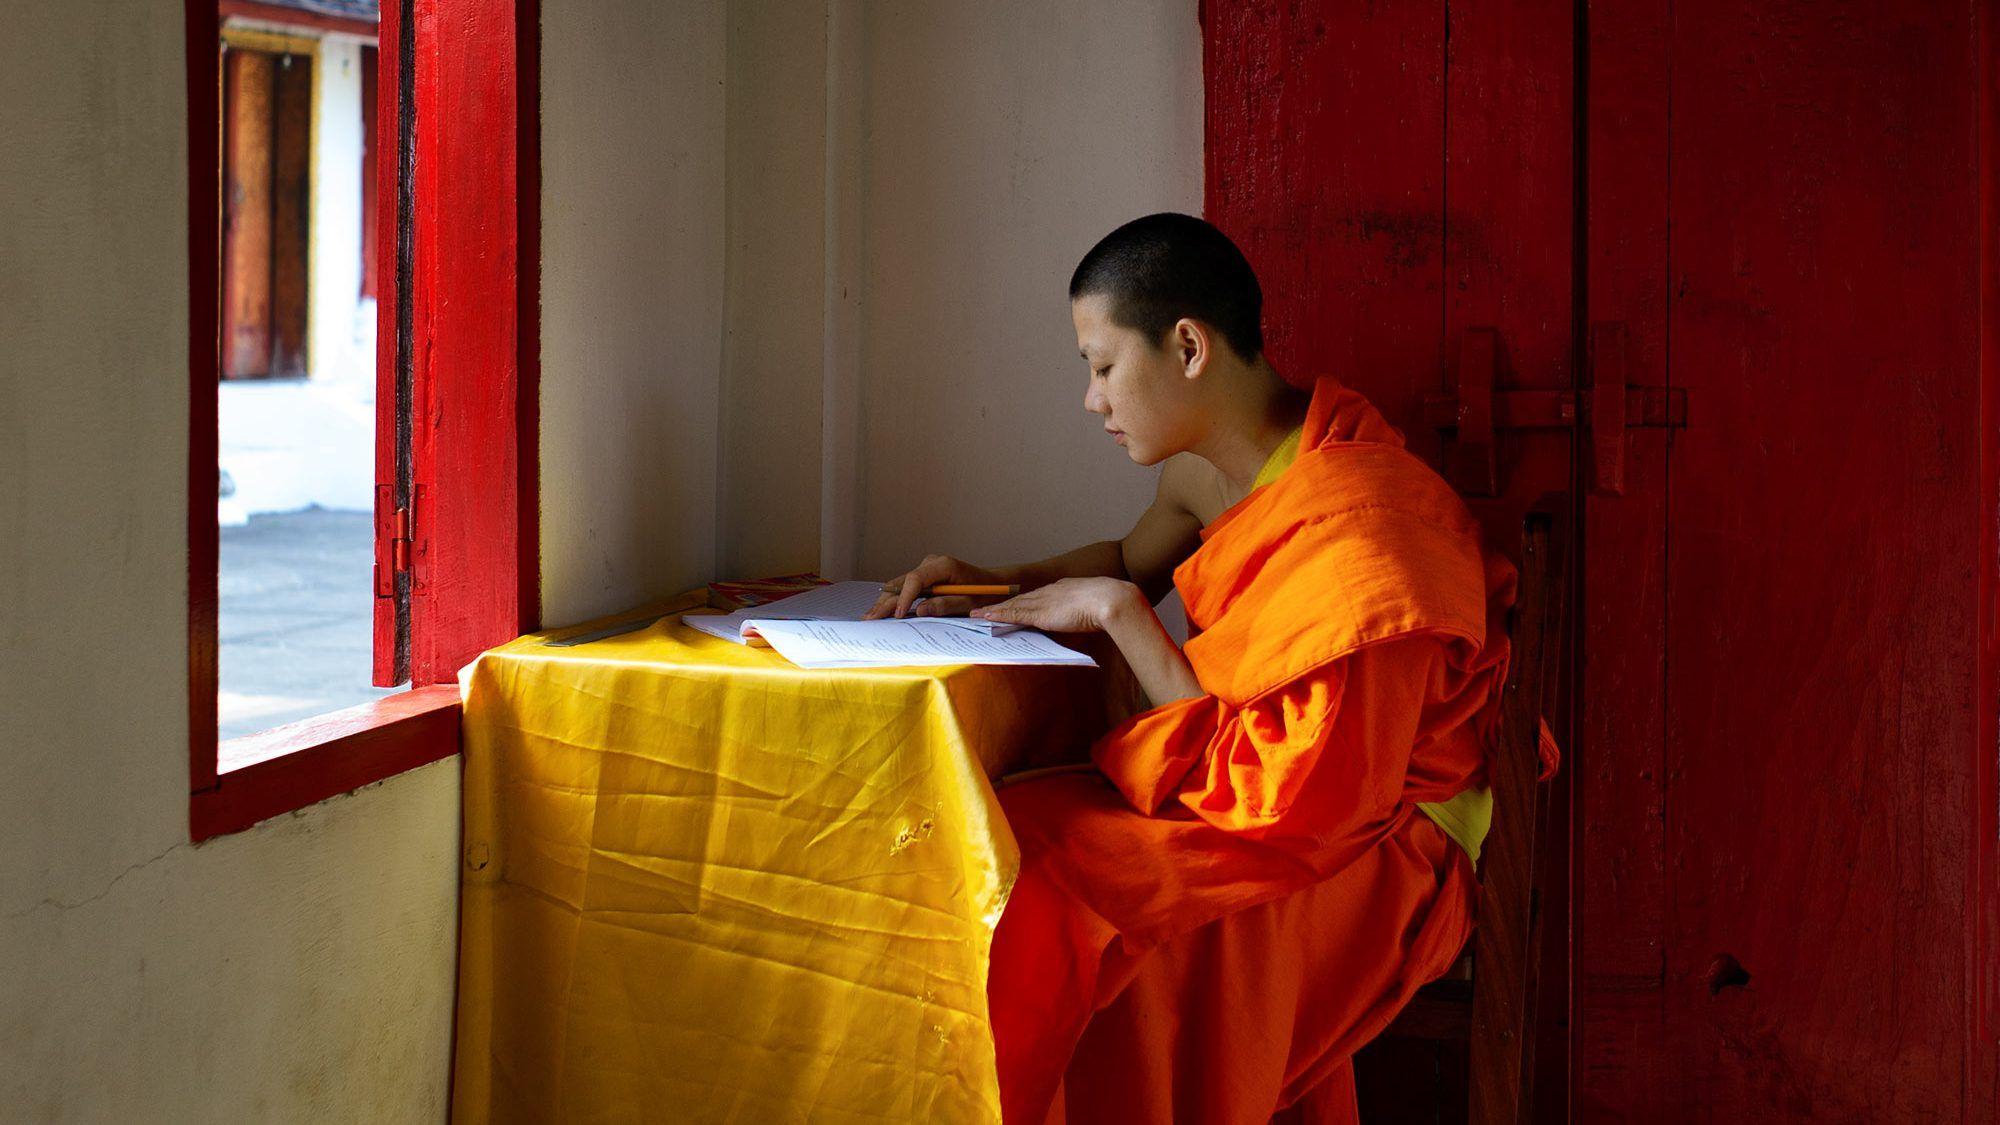 Mönch beim Studium